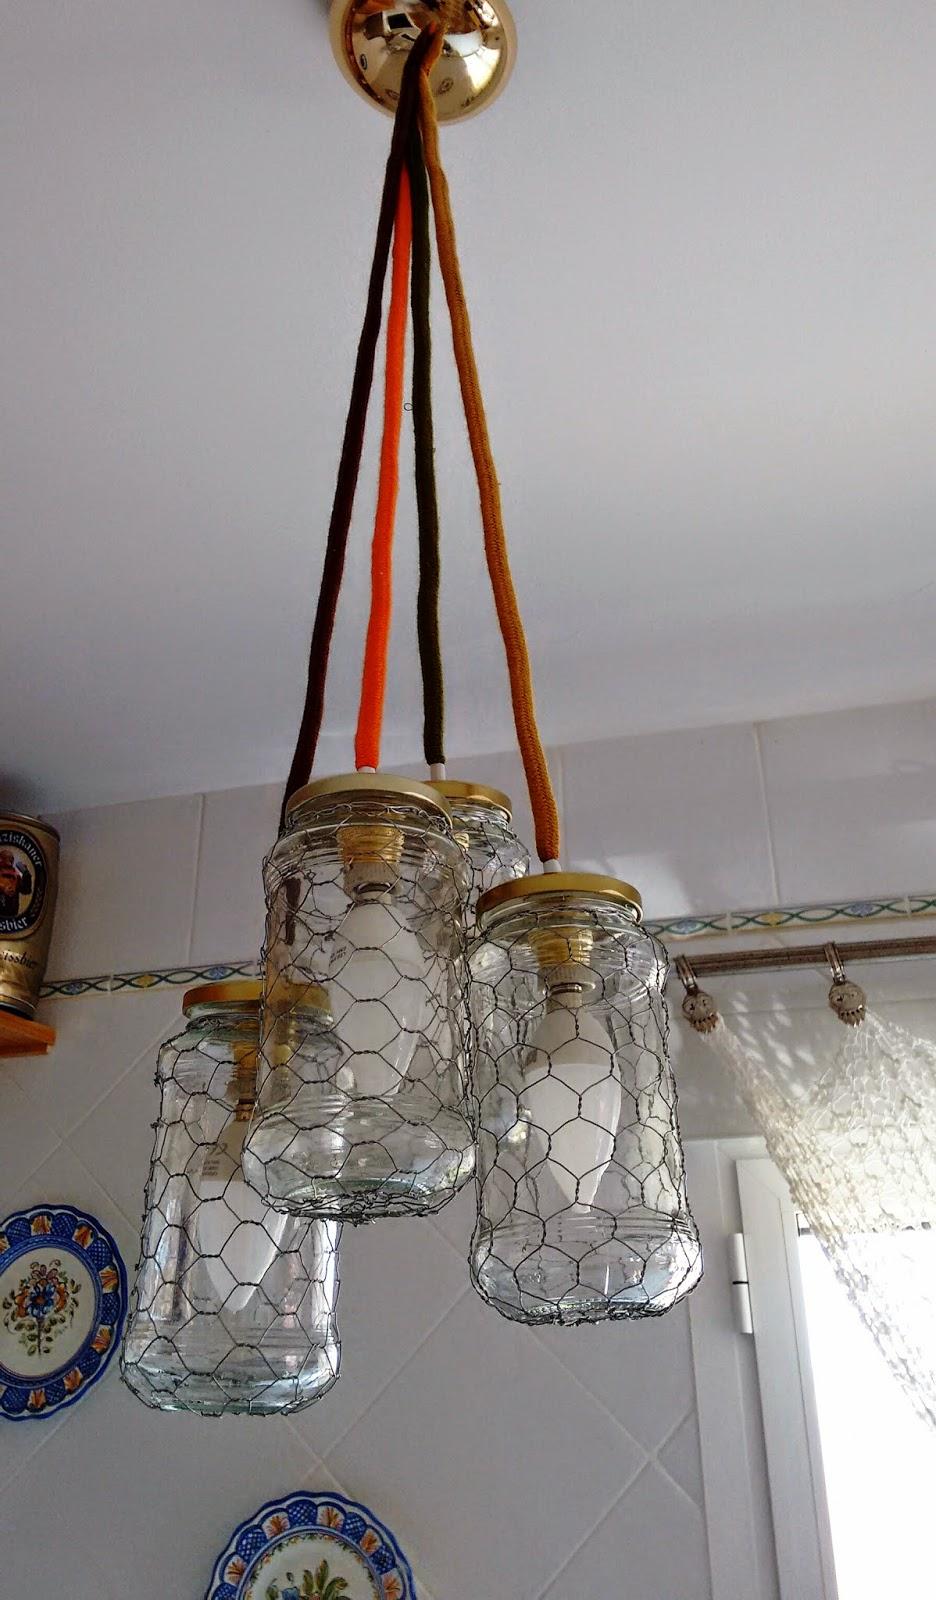 http://merrajo.blogspot.com.es/2015/02/me-gusta-reciclarcomo-hacer-lampara-con.html